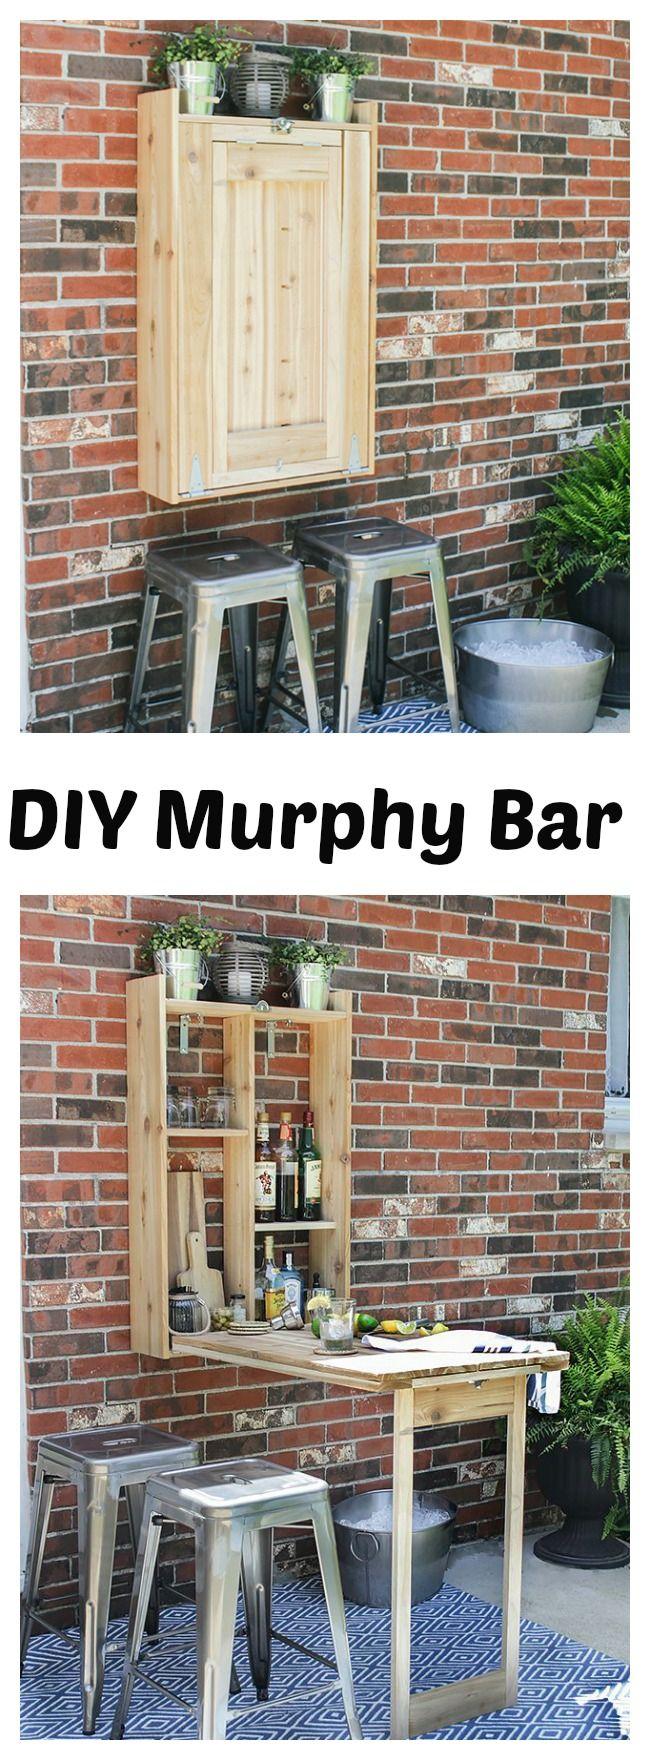 Diy Cool Fold Down Outdoor Murphy Bar Very Creative Idea Bar